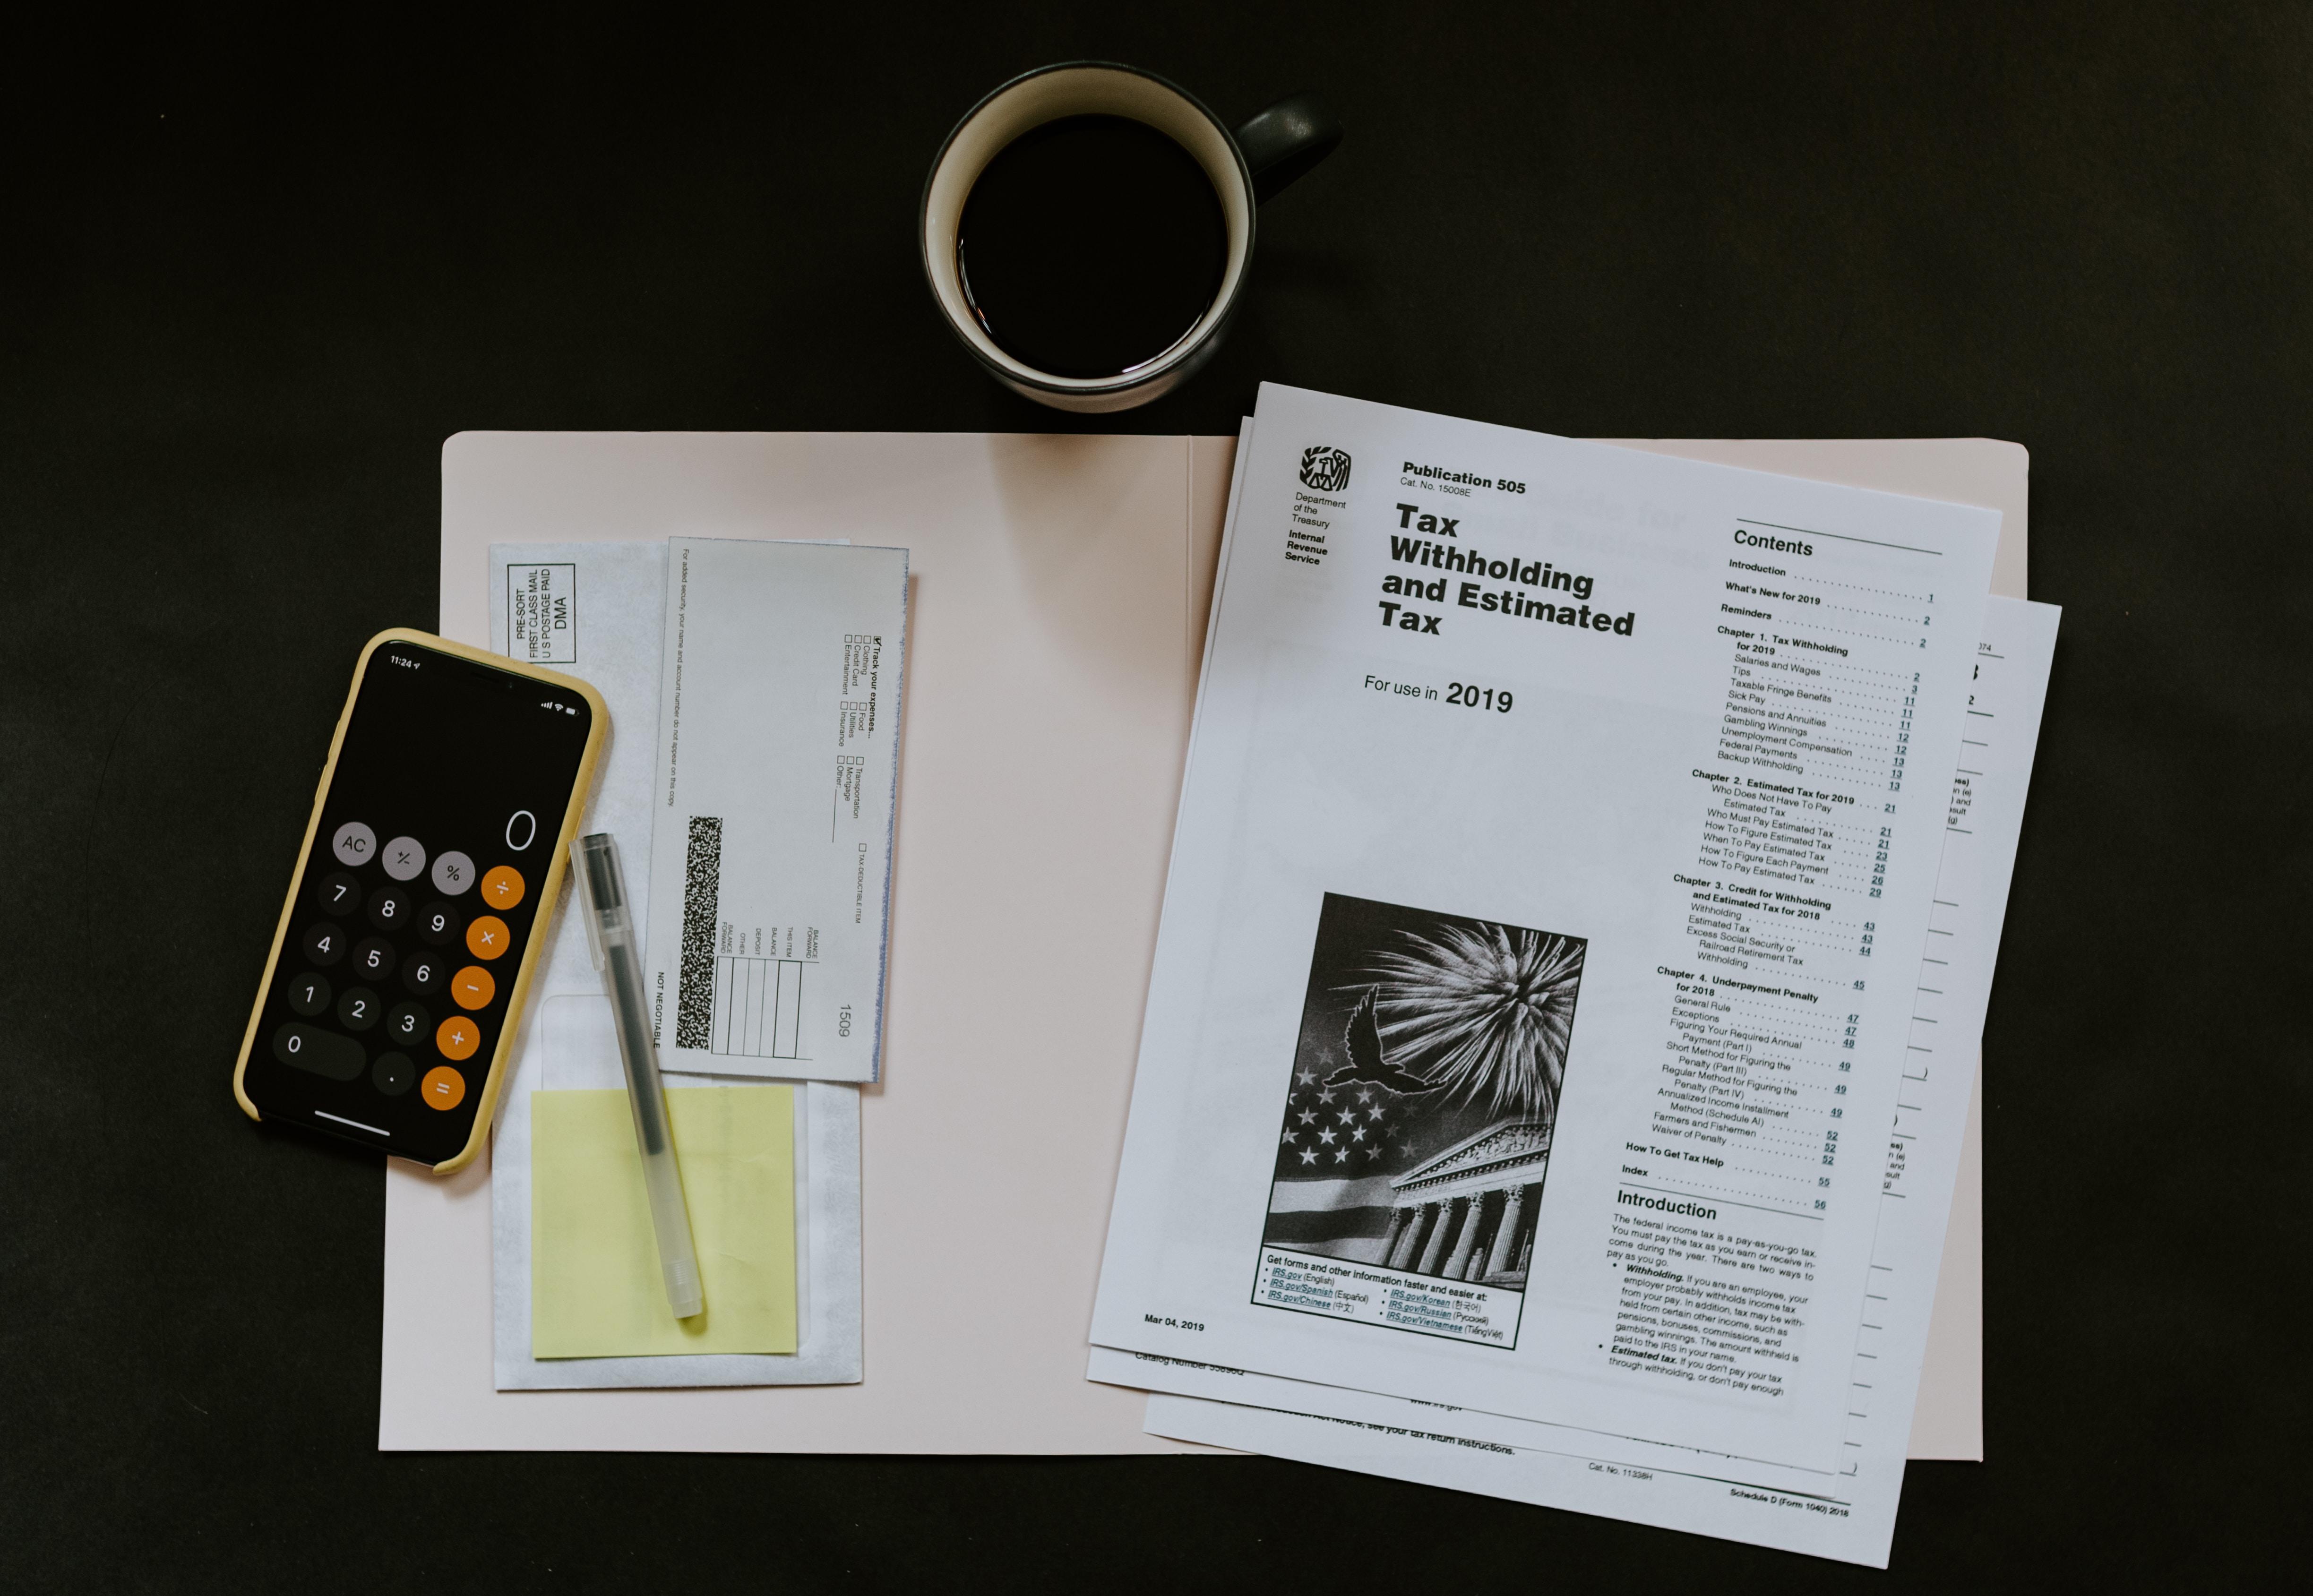 Forgotten depreciation deduction a major tax issue Thumbnail